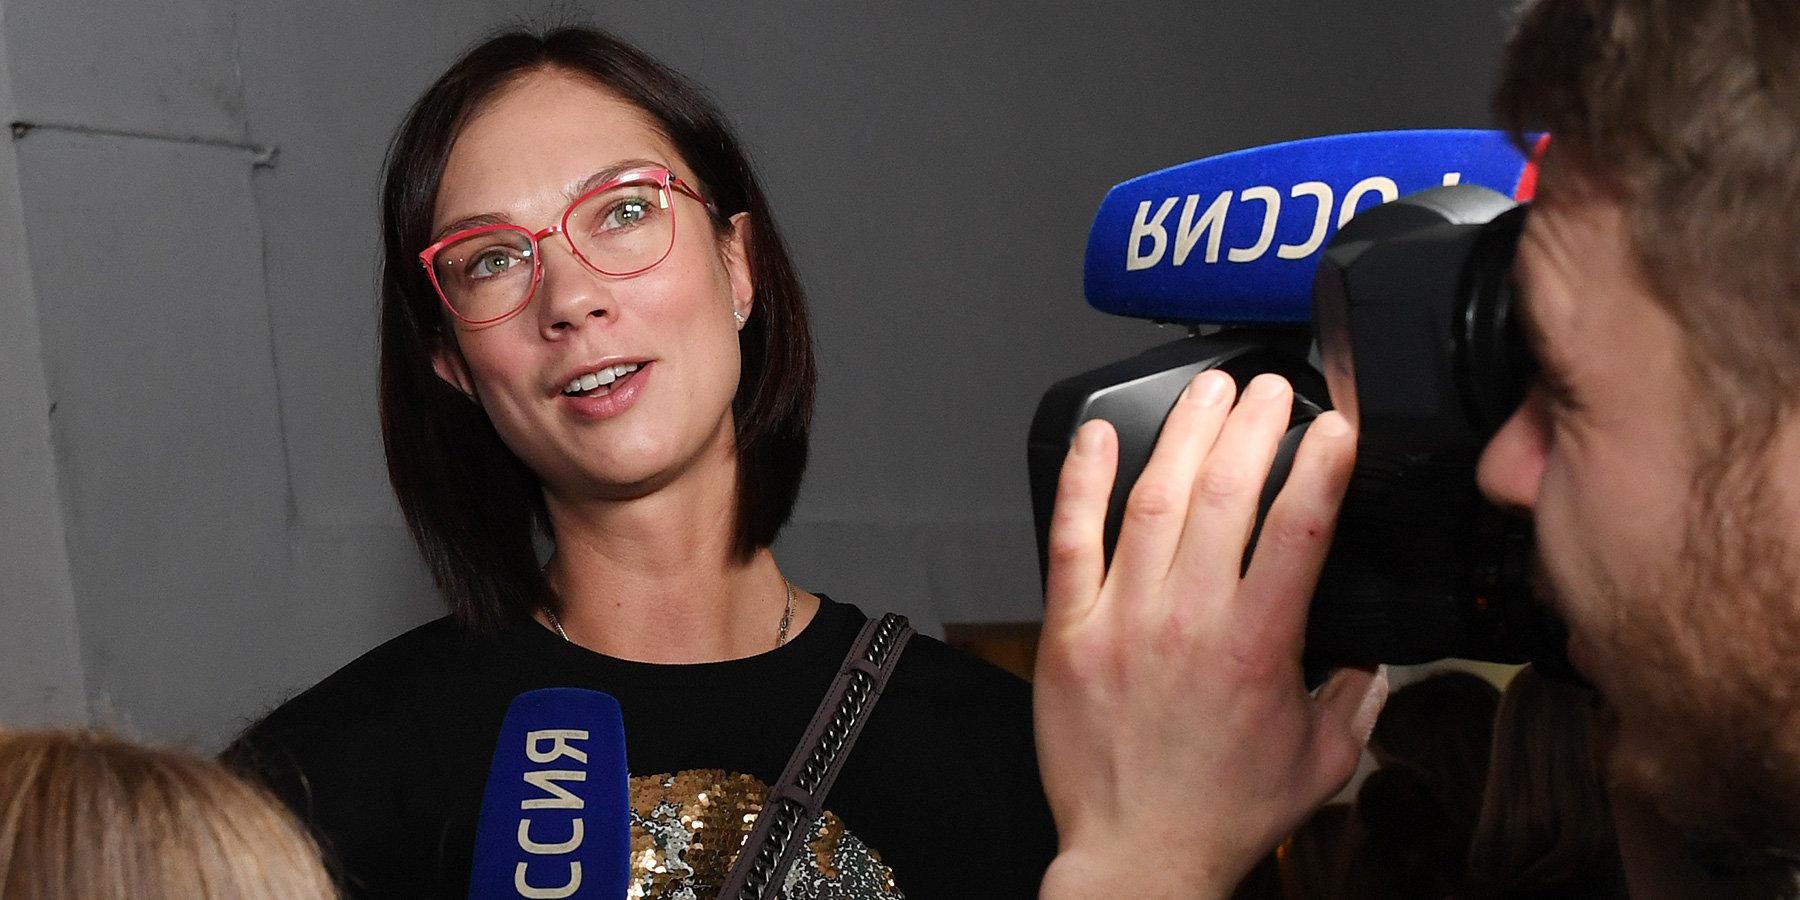 Екатерина Гамова: «Если бы поступило предложение стать комментатором, я бы не отказалась»